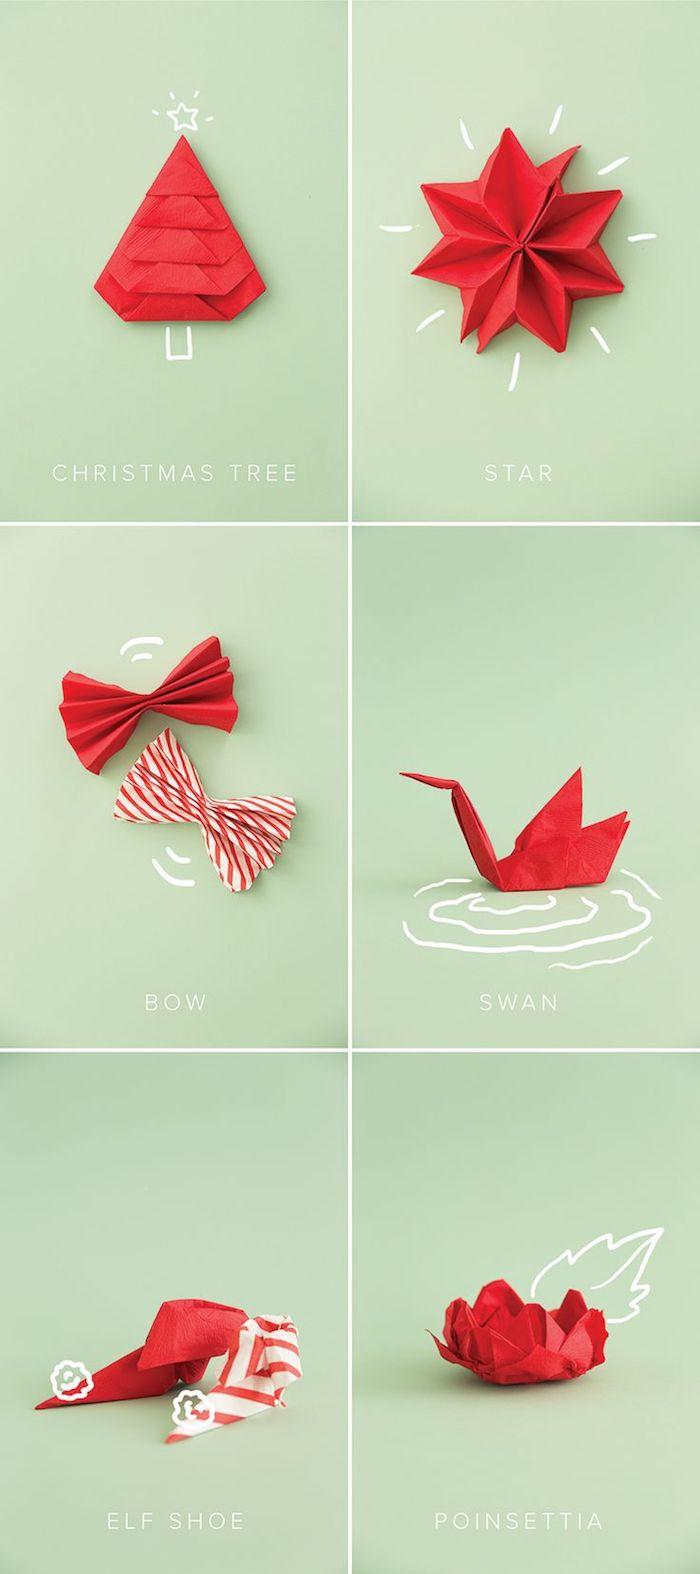 activité créative avec serviette en papier, déco de table avec figurine en serviettes rouges, origami de noel